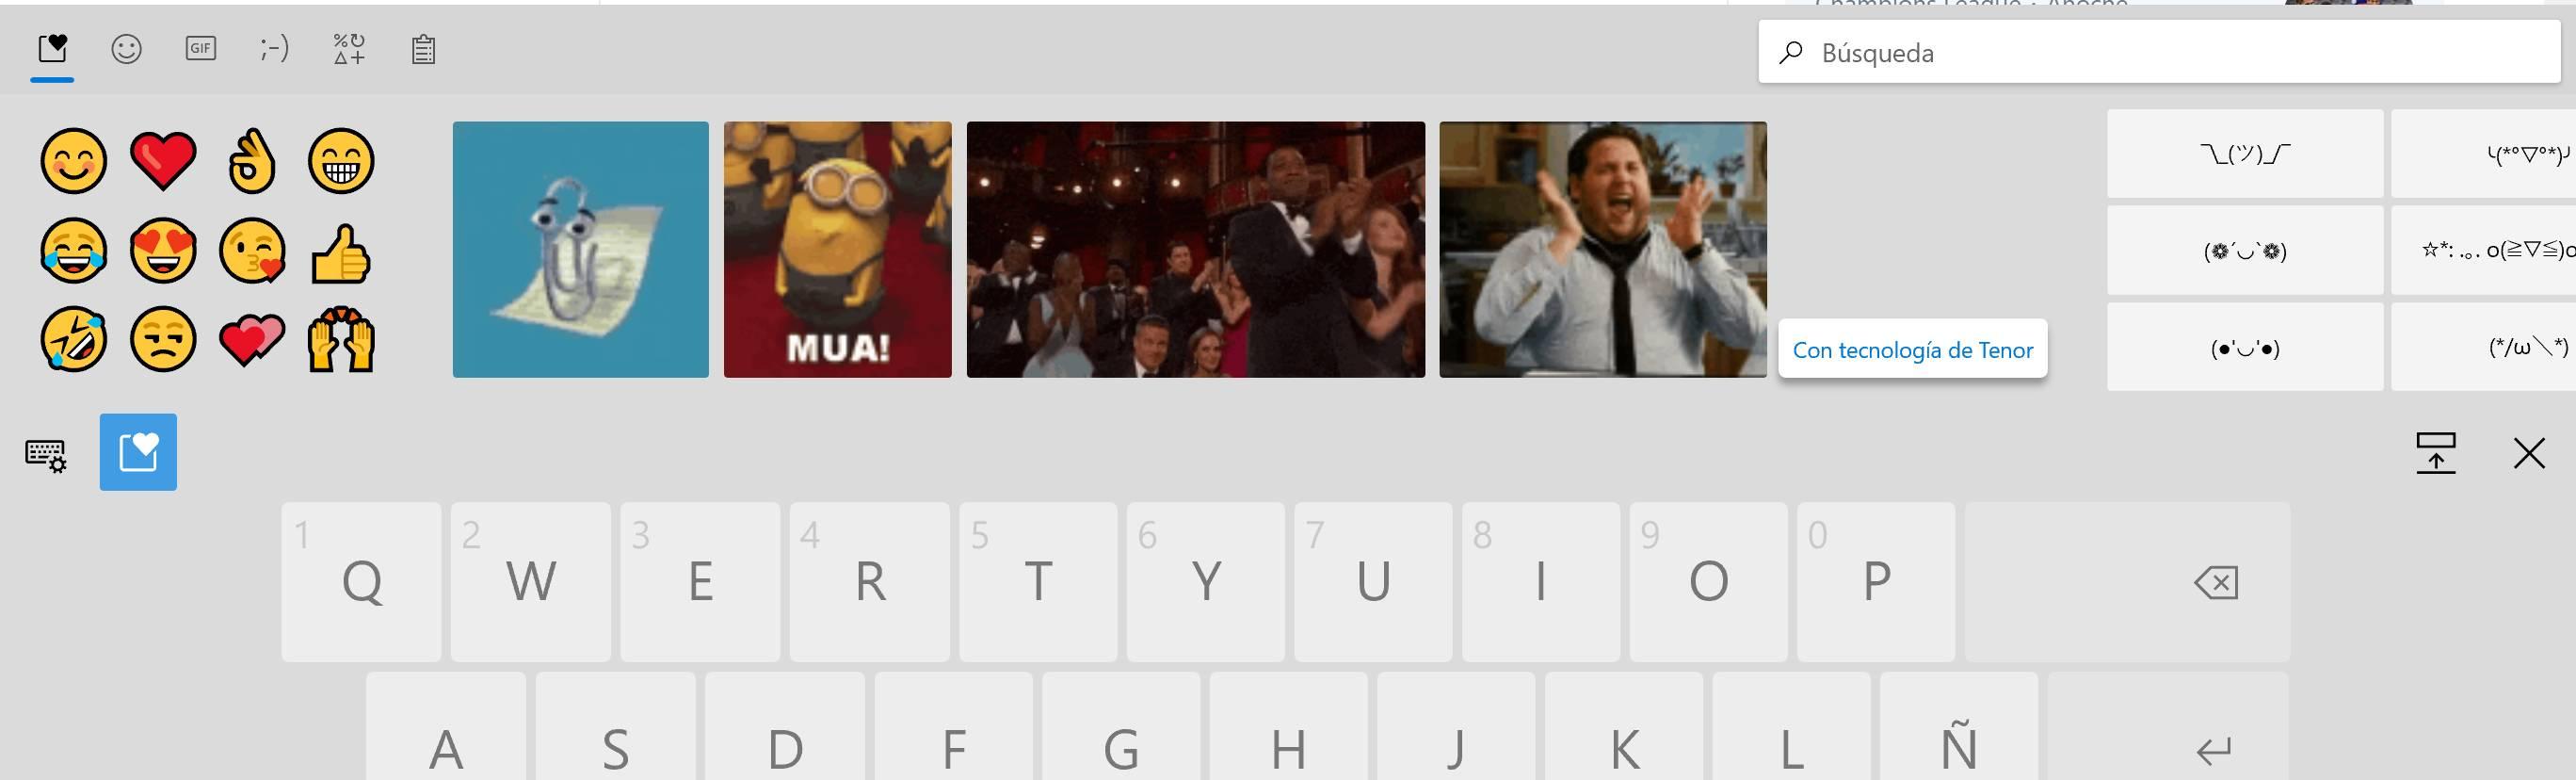 Emojis y GIFs en el nuevo teclado de Windows